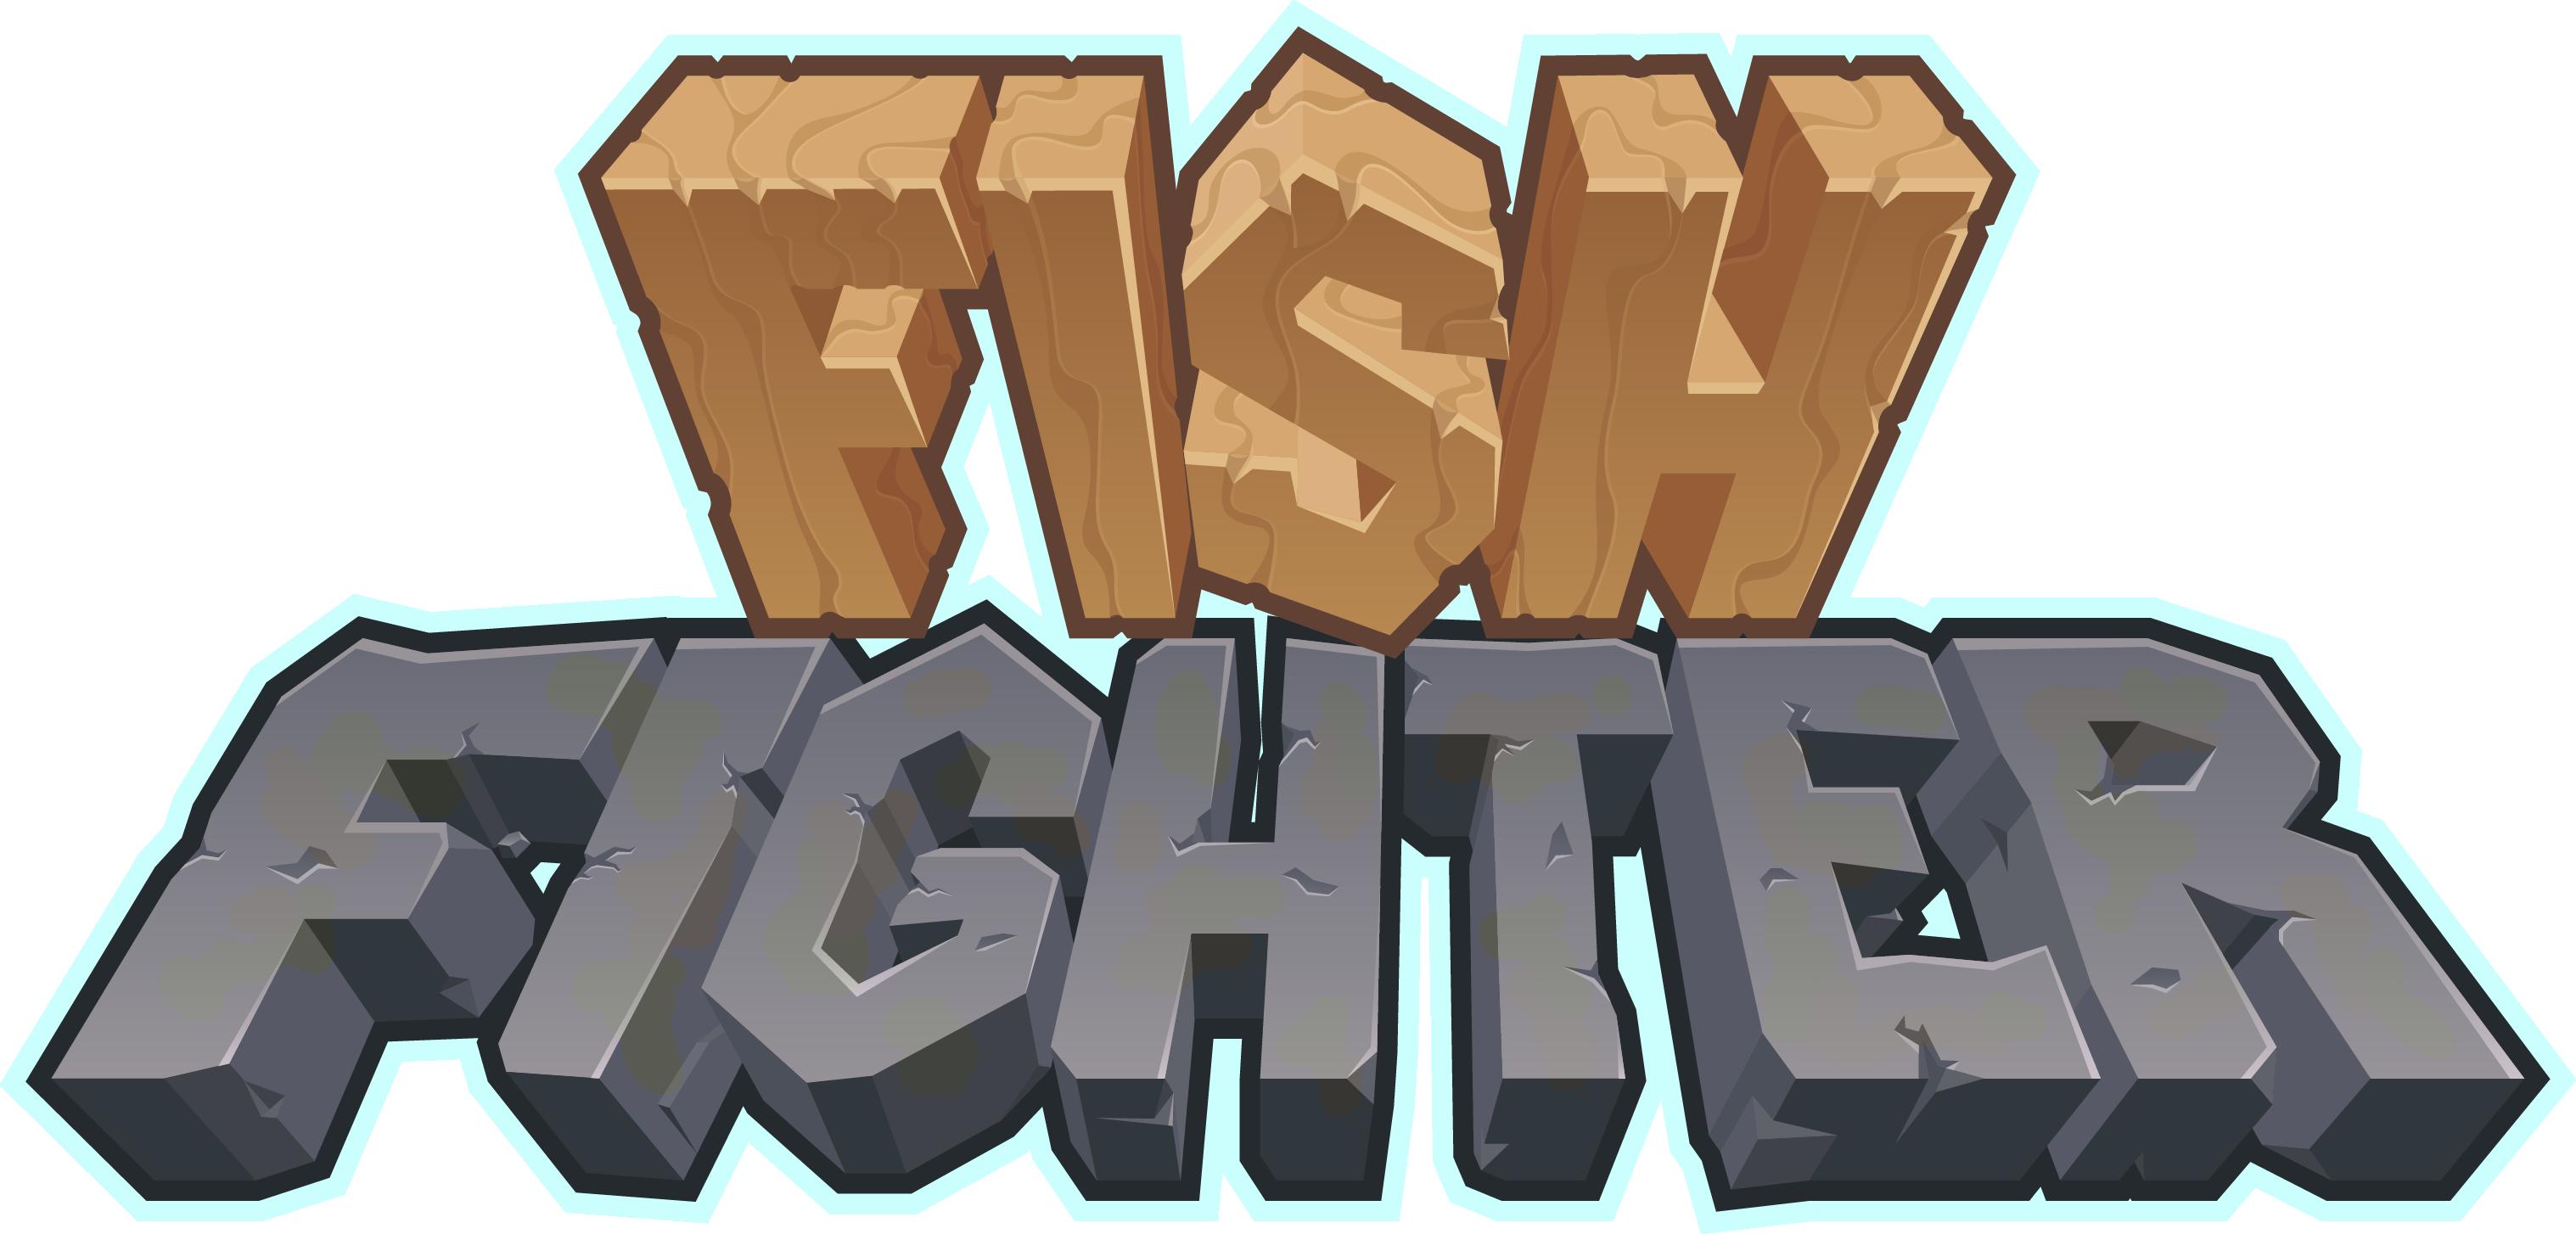 FF_Logo_Color.png (3035×1454)